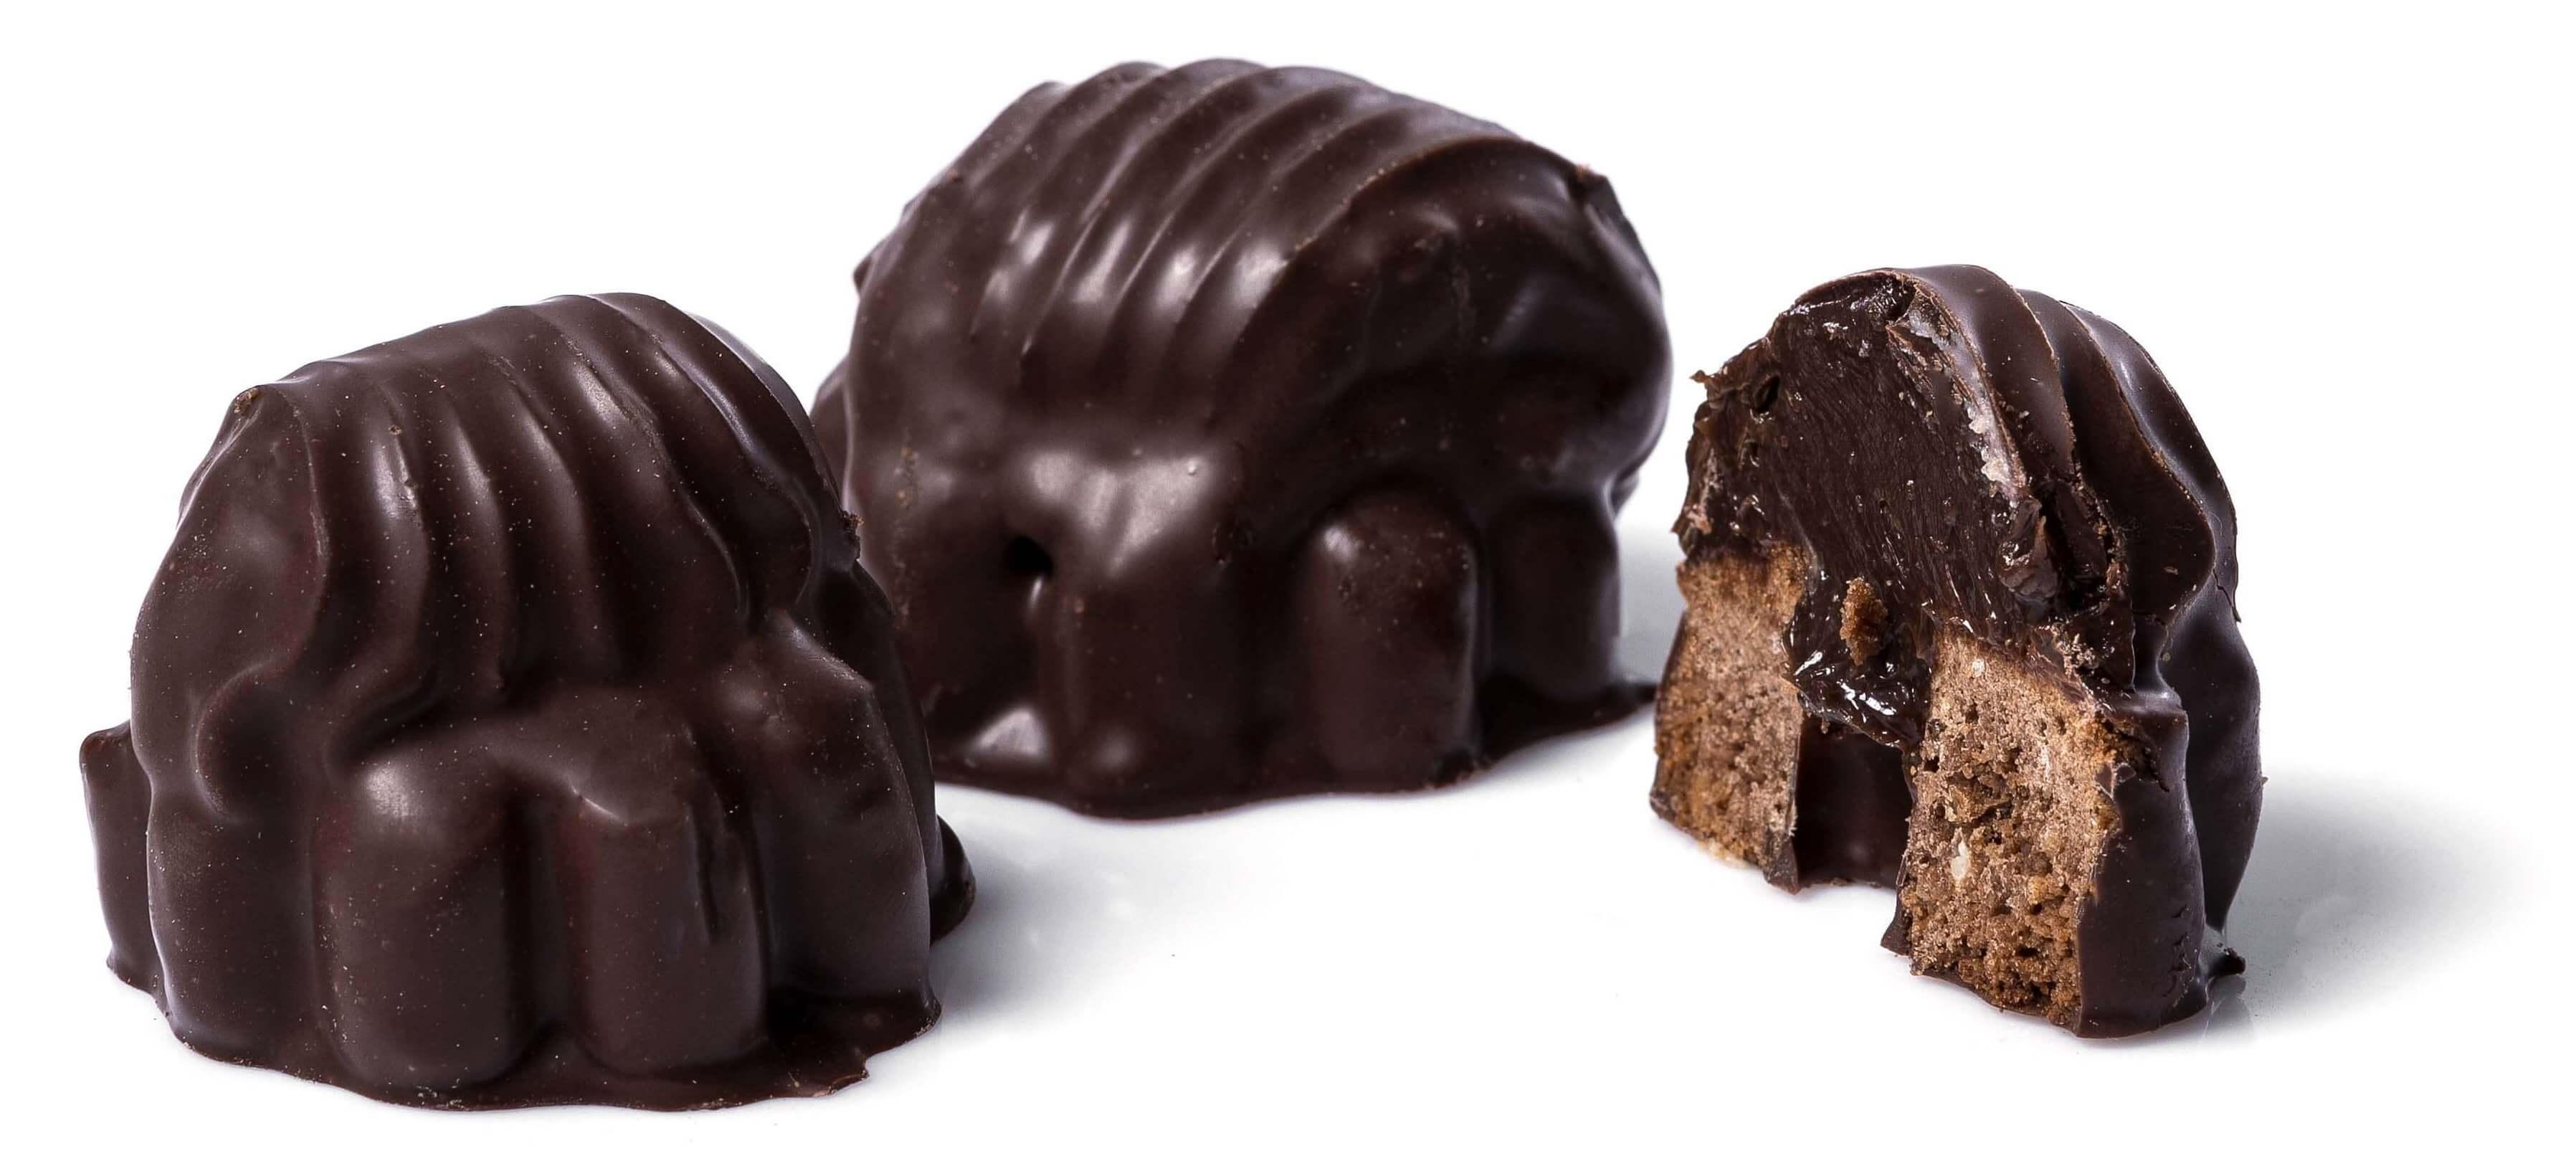 Печенье сдобное «Ракушки» с наполнителем с шоколадным ароматом фото 1